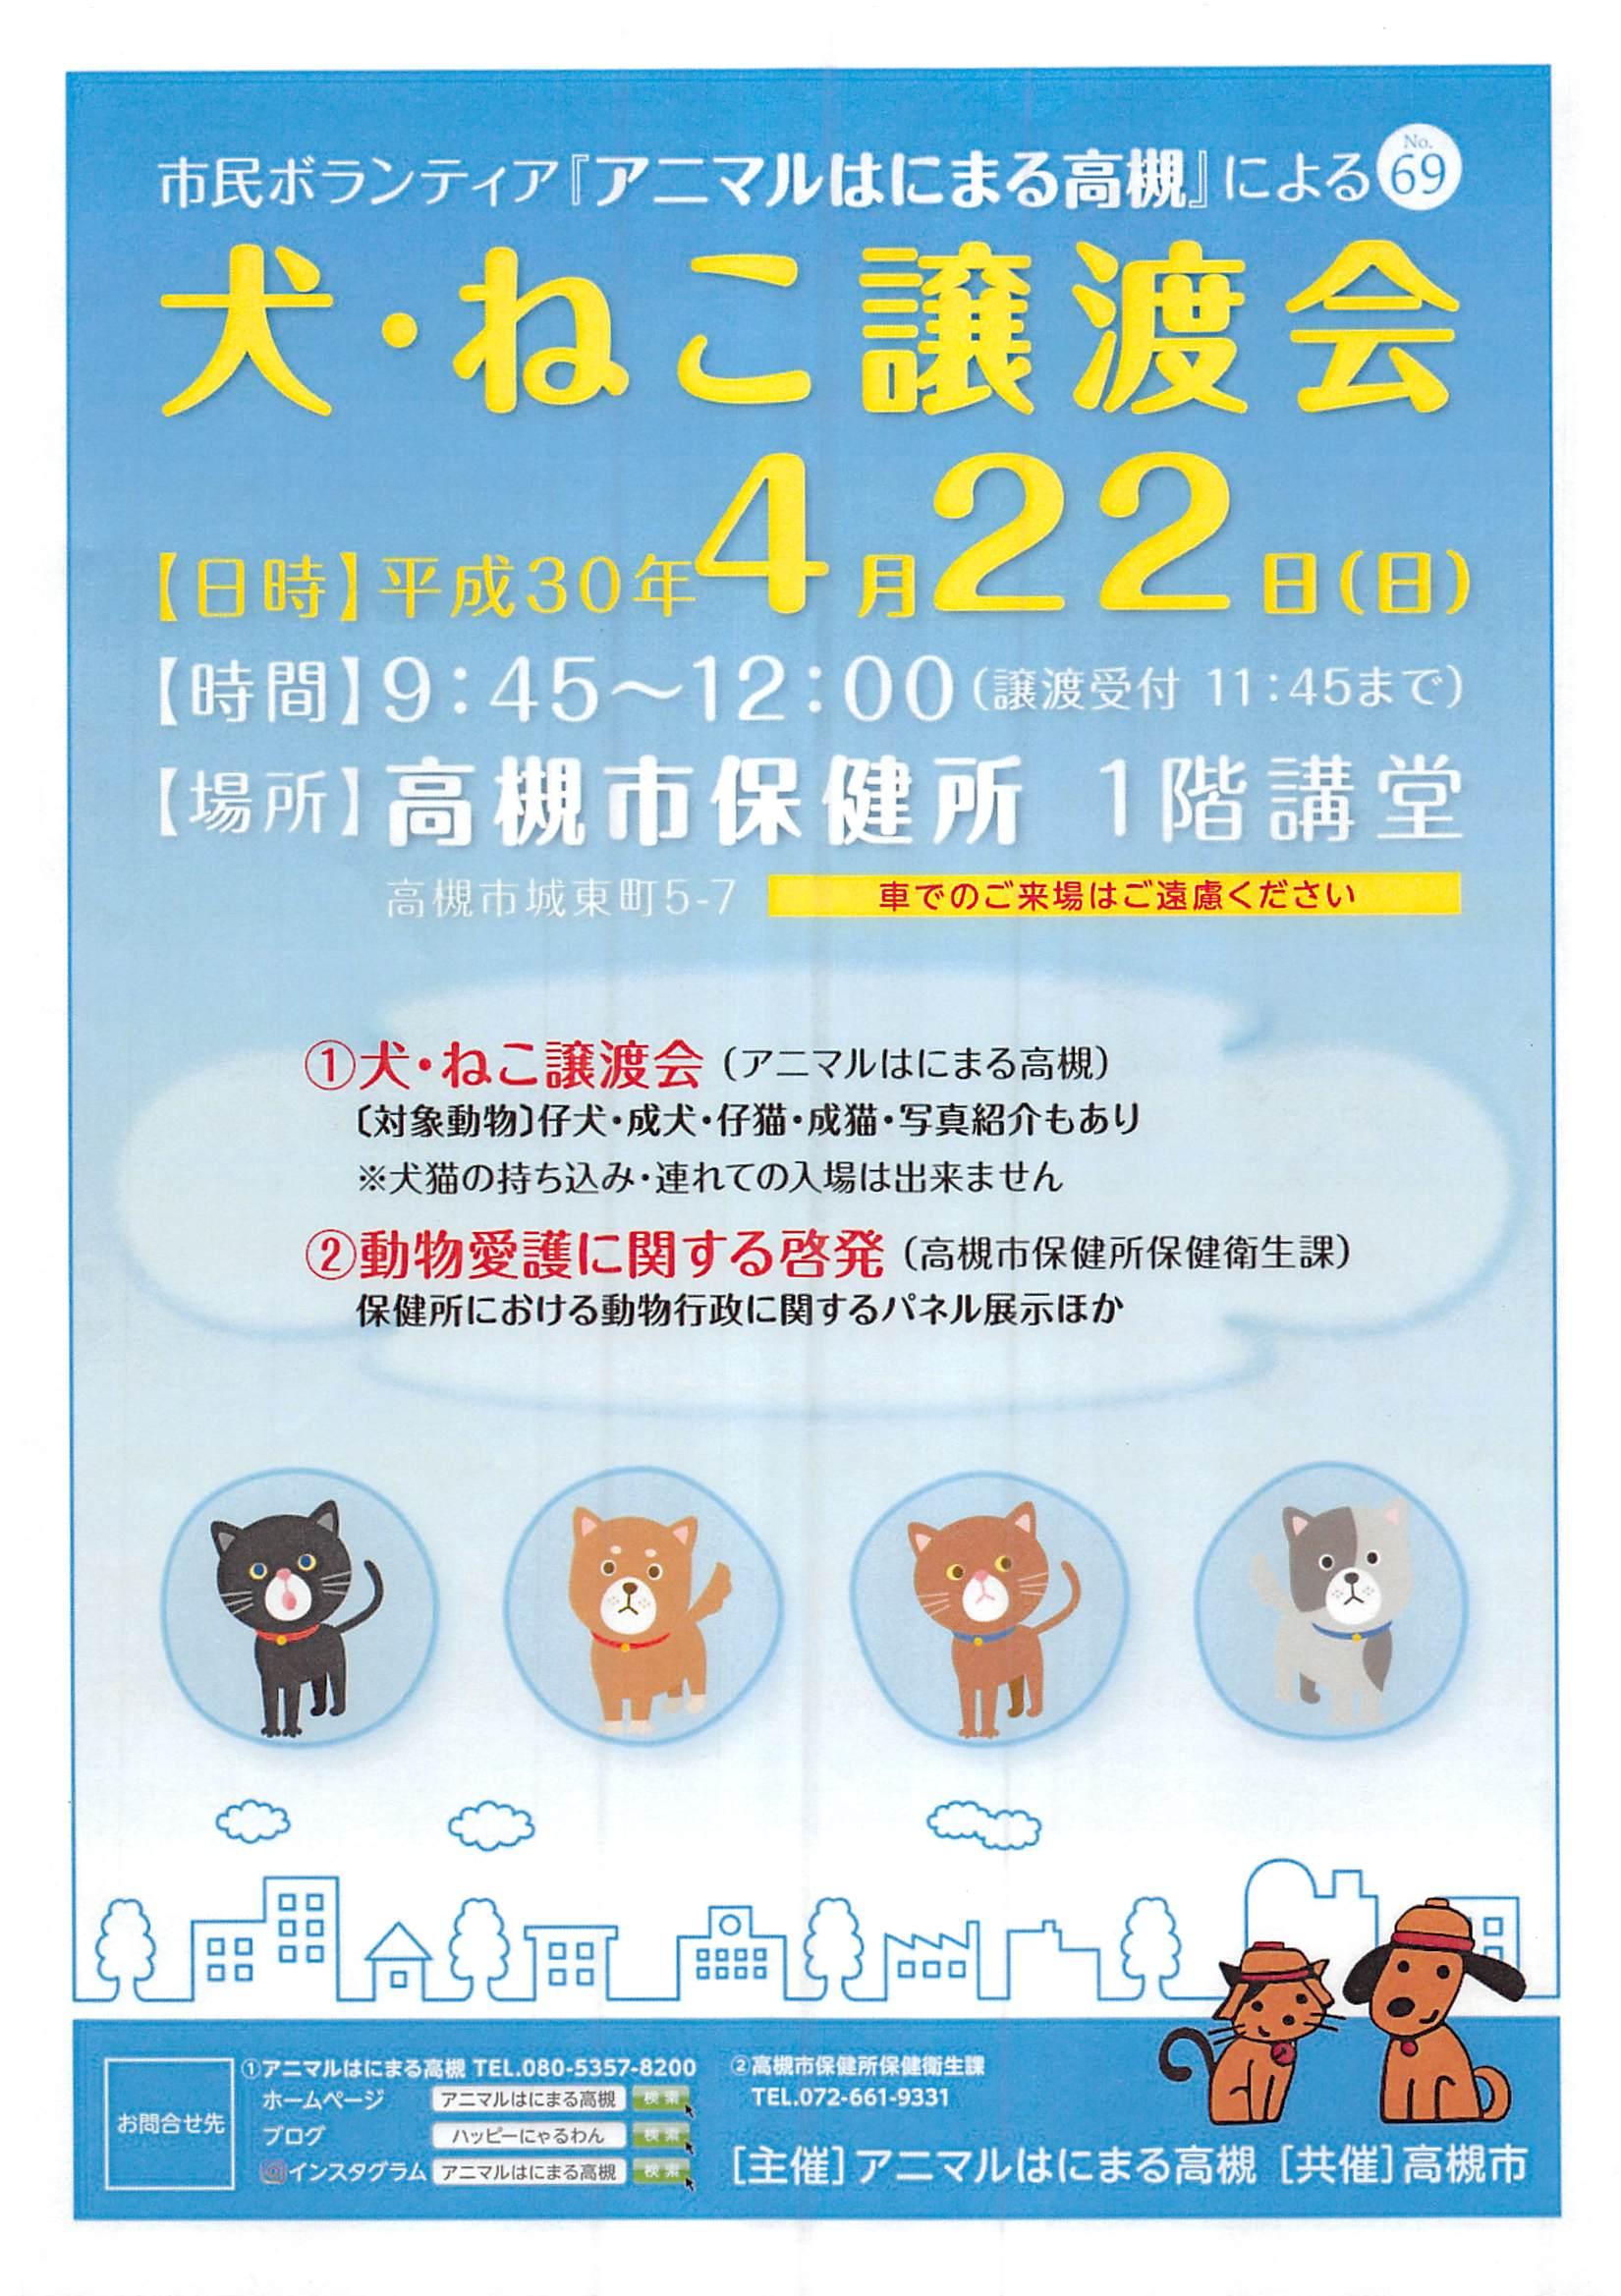 4月22日(日)「犬・ねこ譲渡会」アニマルはにまる高槻